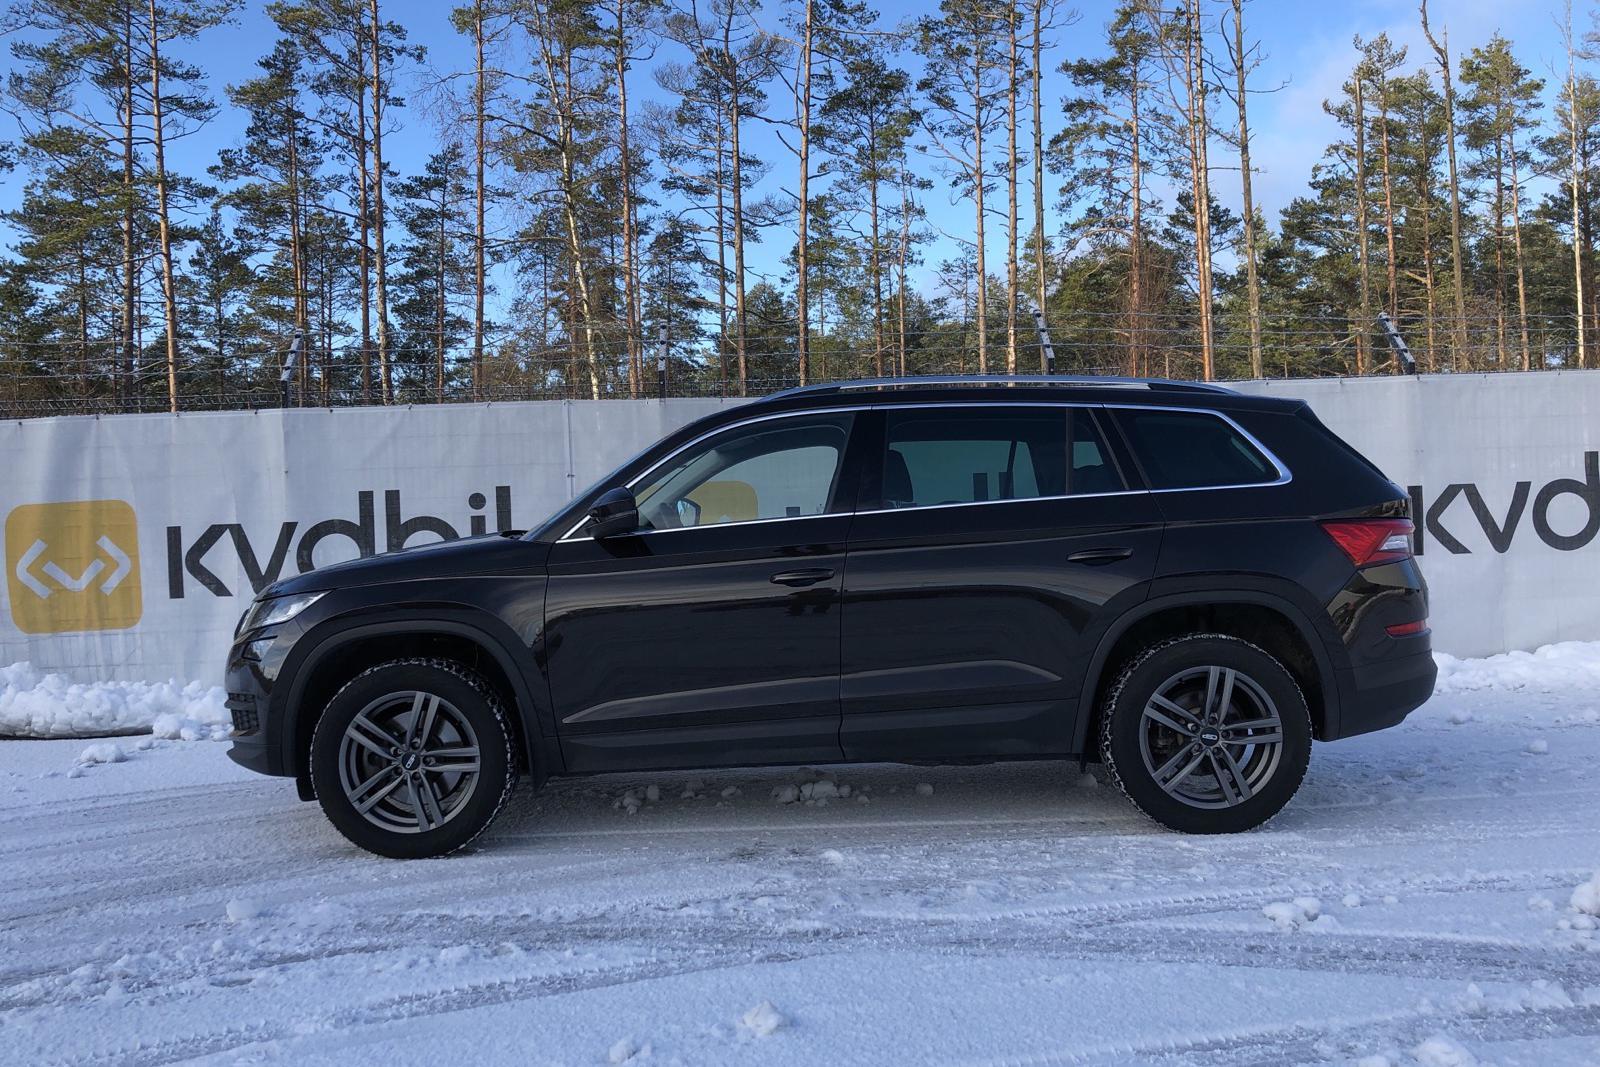 Skoda Kodiaq 2.0 TDI 4X4 (190hk) - 65 490 km - Automatic - brown - 2019